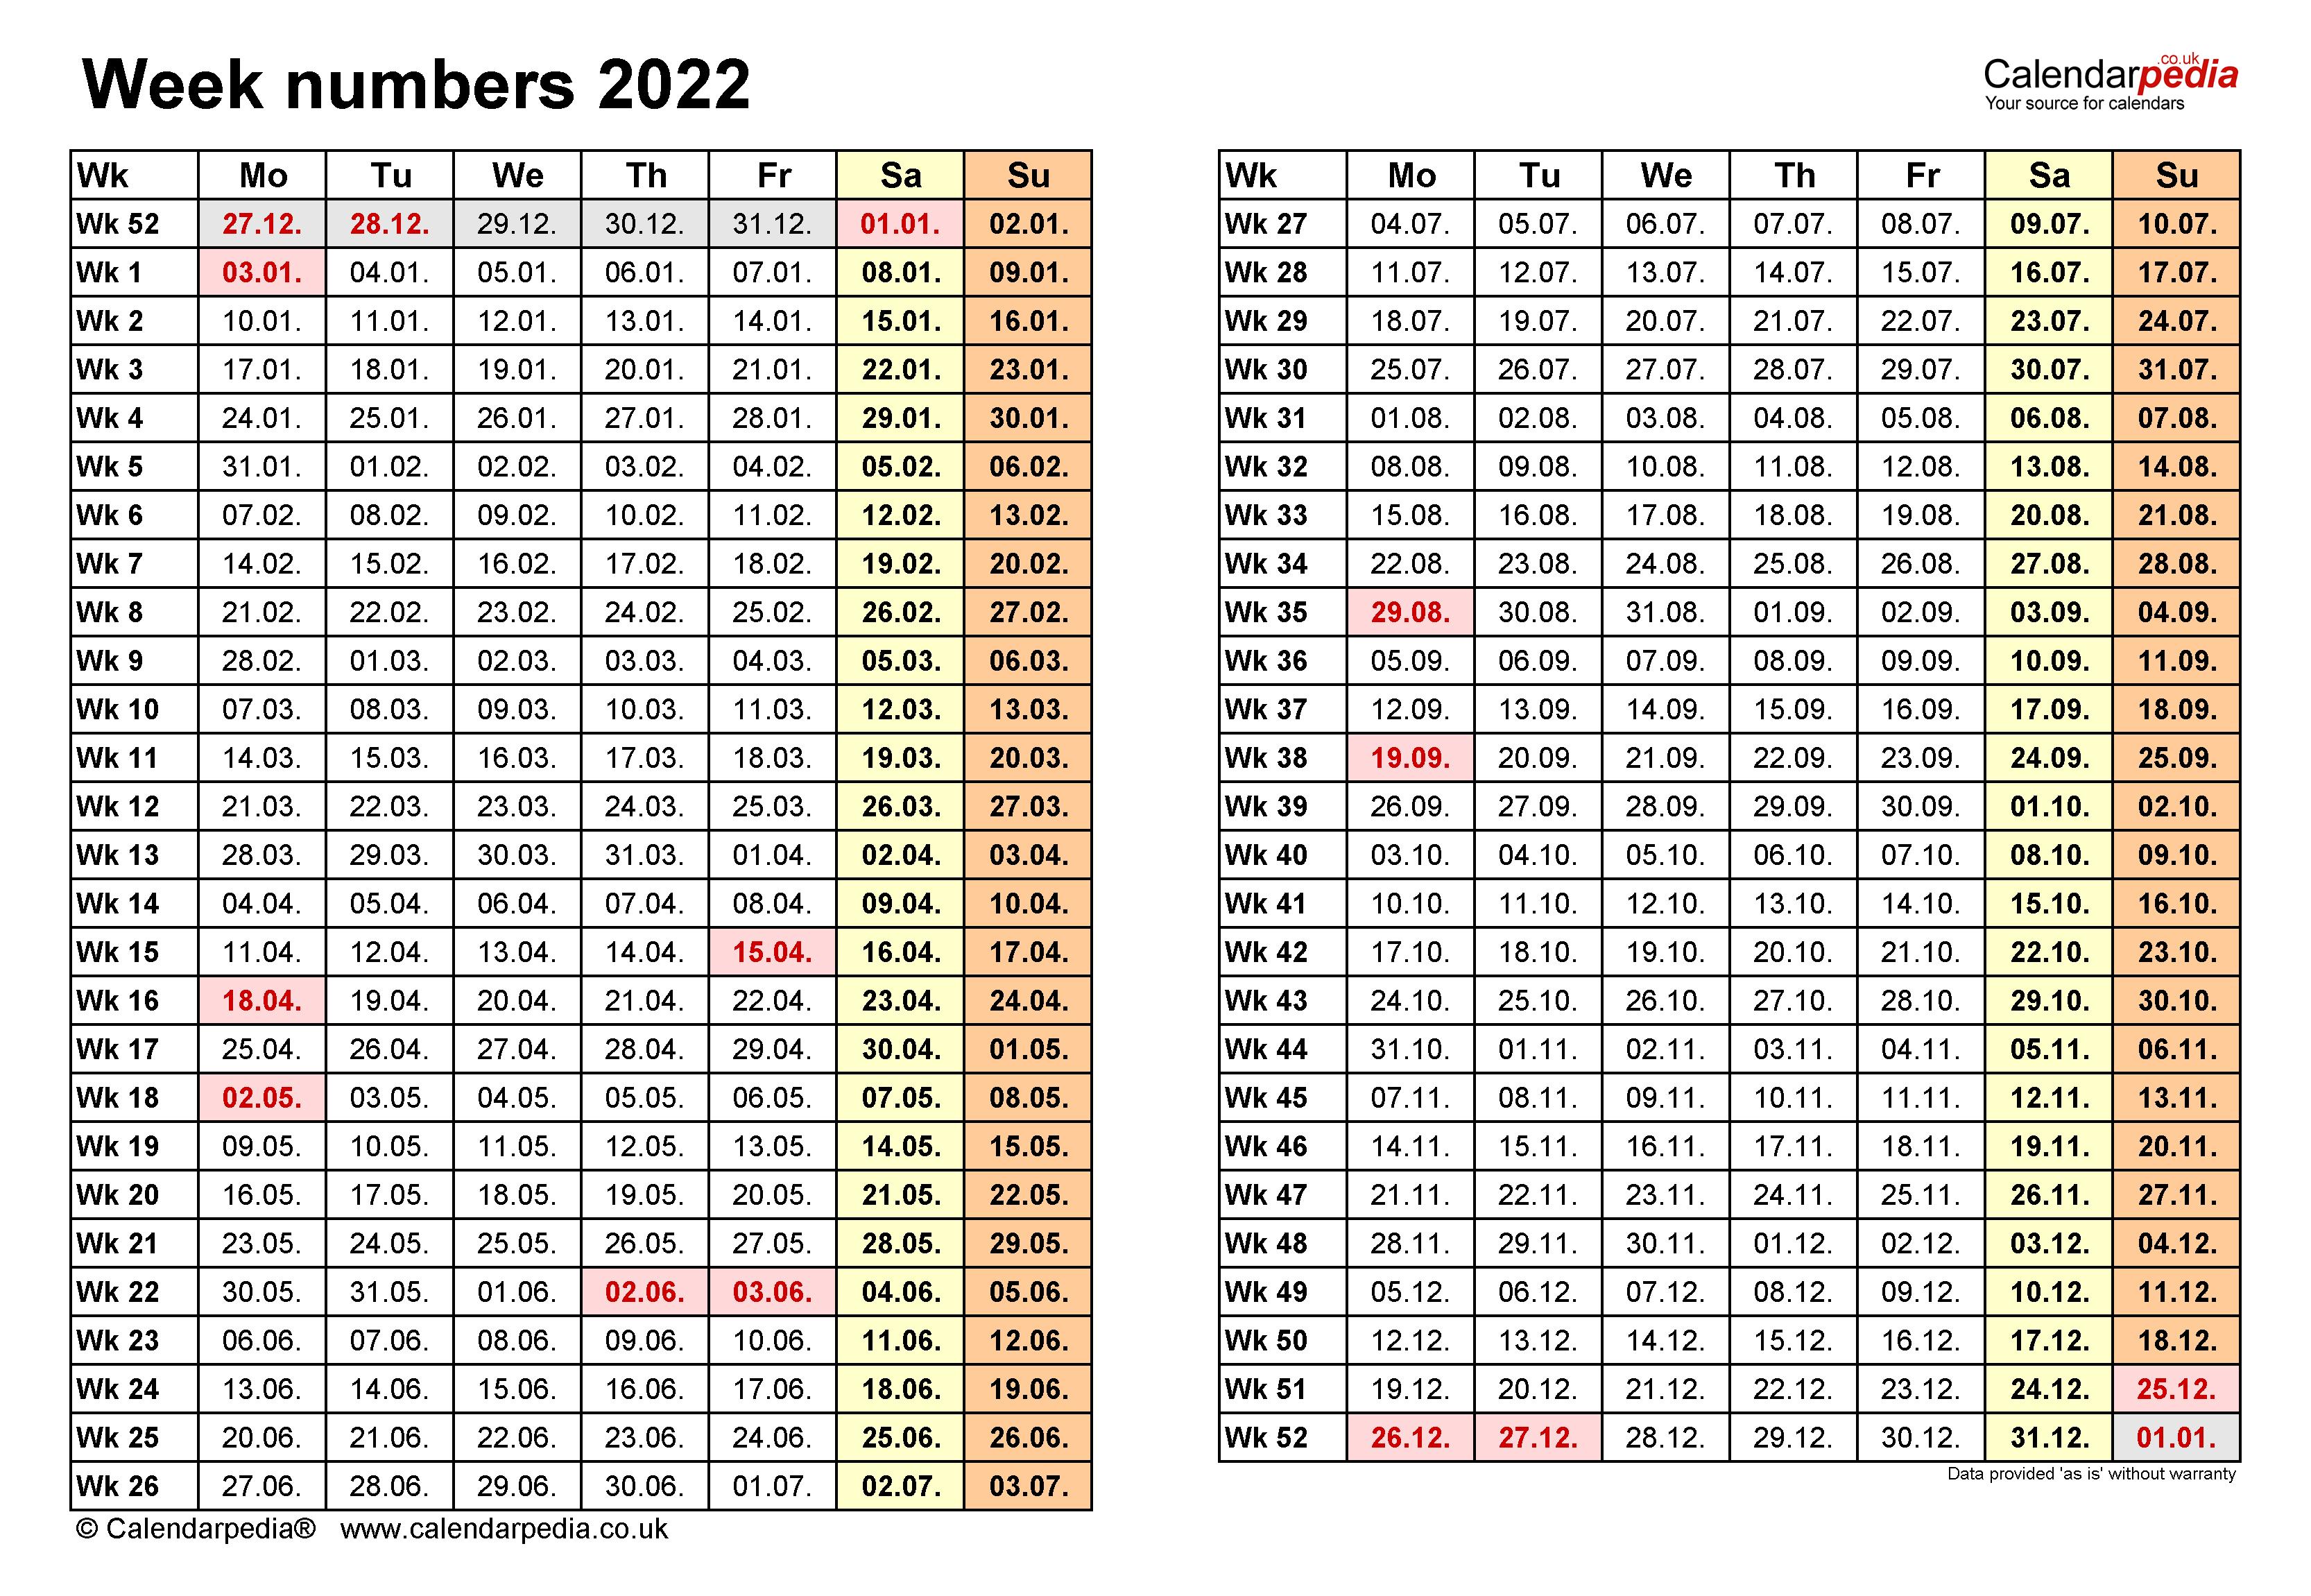 2022 Calendar Week Numbers.Week Numbers 2022 With Excel Word And Pdf Templates